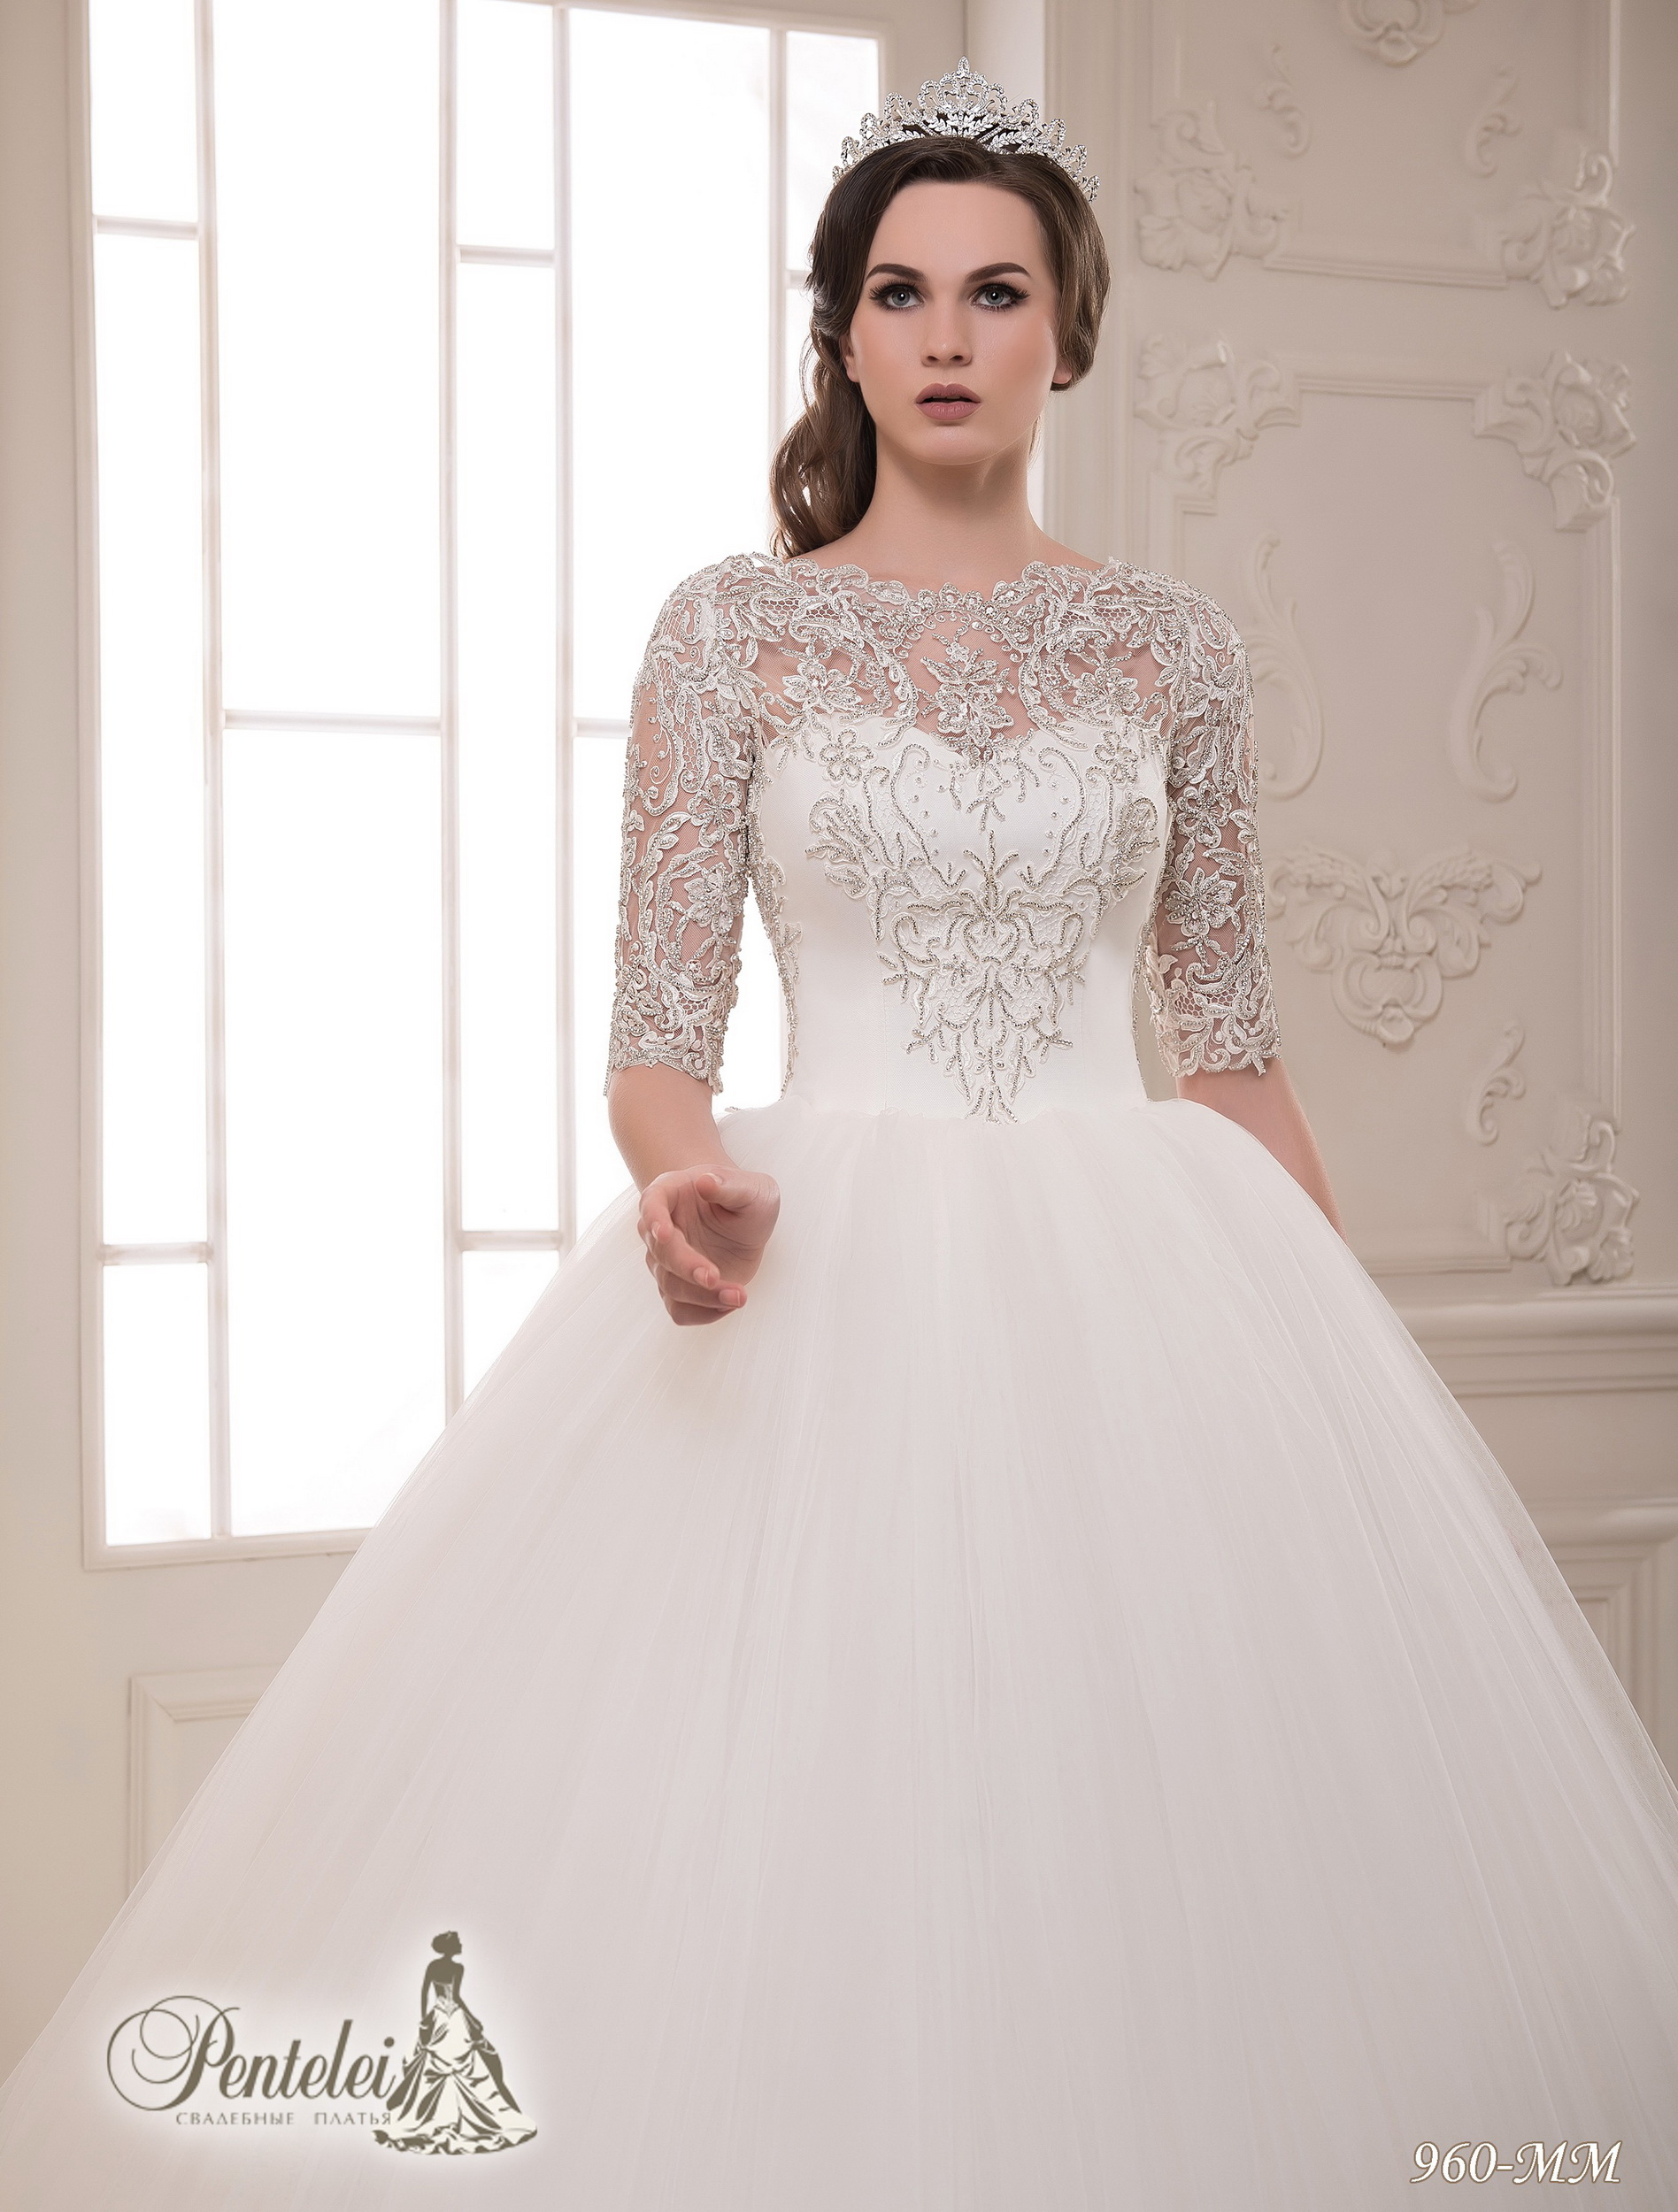 960-MM | Cumpăra rochii de mireasă en-gros de Pentelei